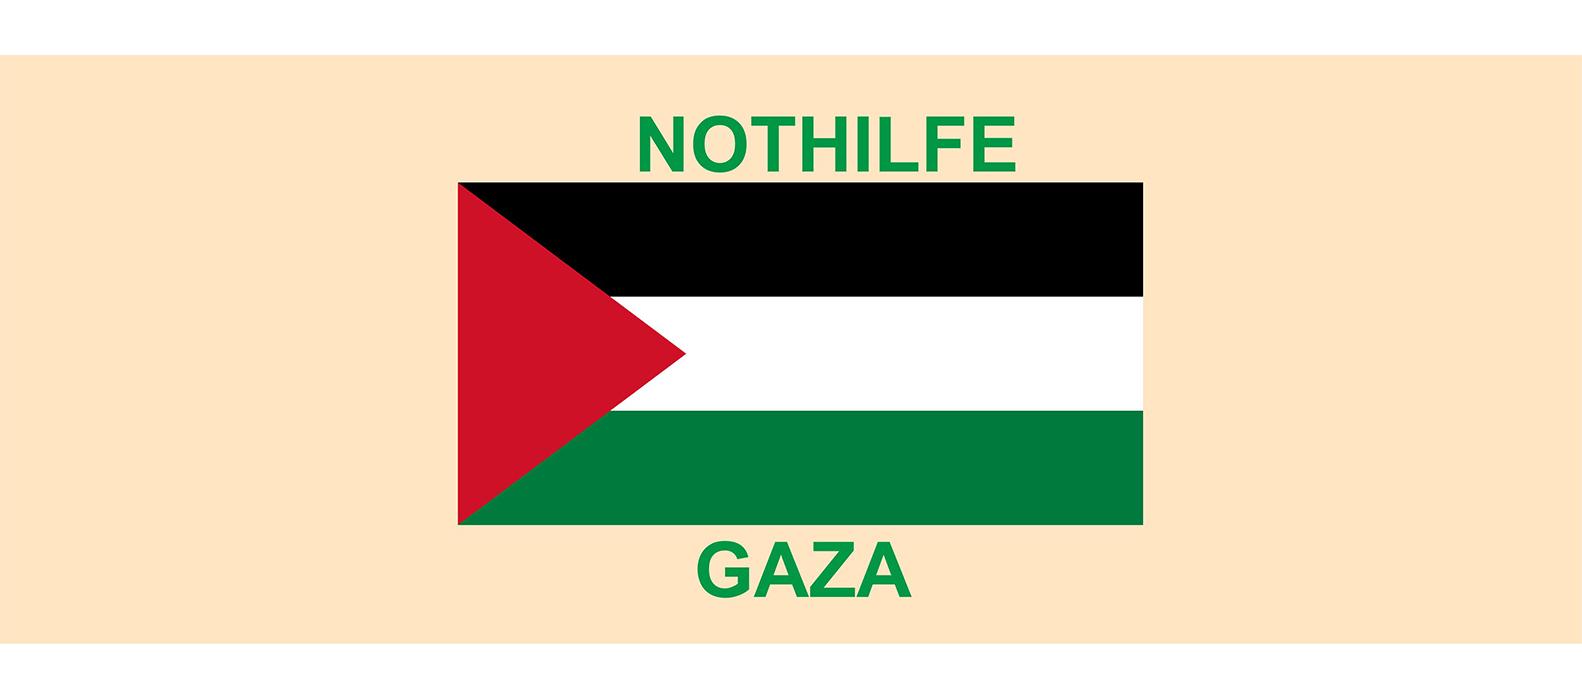 NOTHILFE GAZA 2021